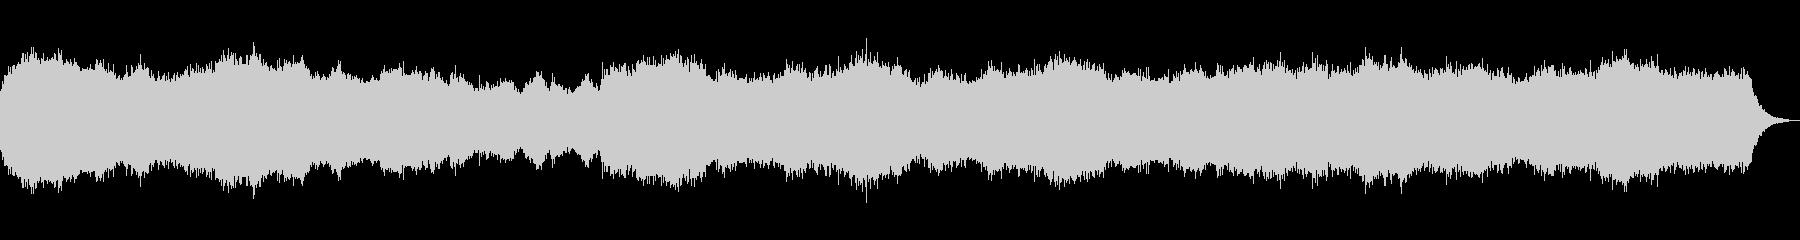 パイプオルガン教会音楽の未再生の波形